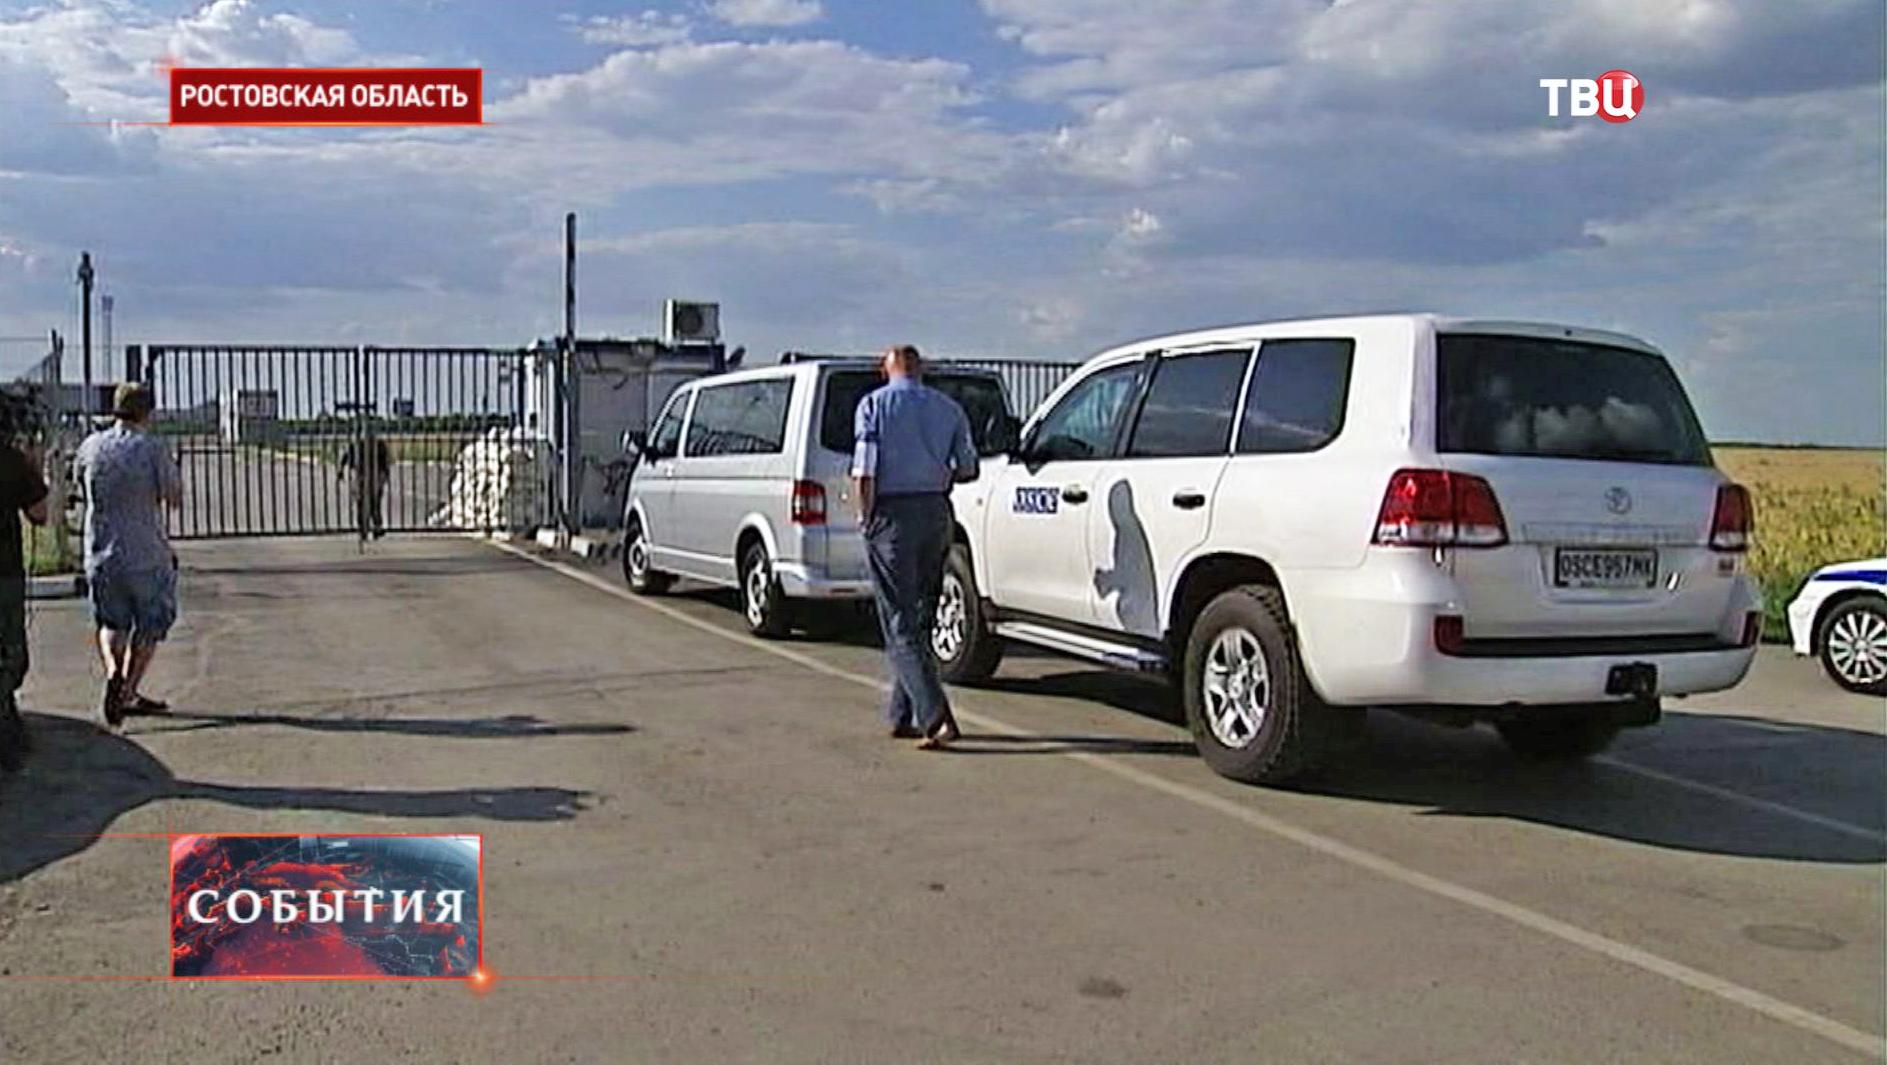 Представители ОБСЕ на пограничном пункте пропуска в Ростовской области